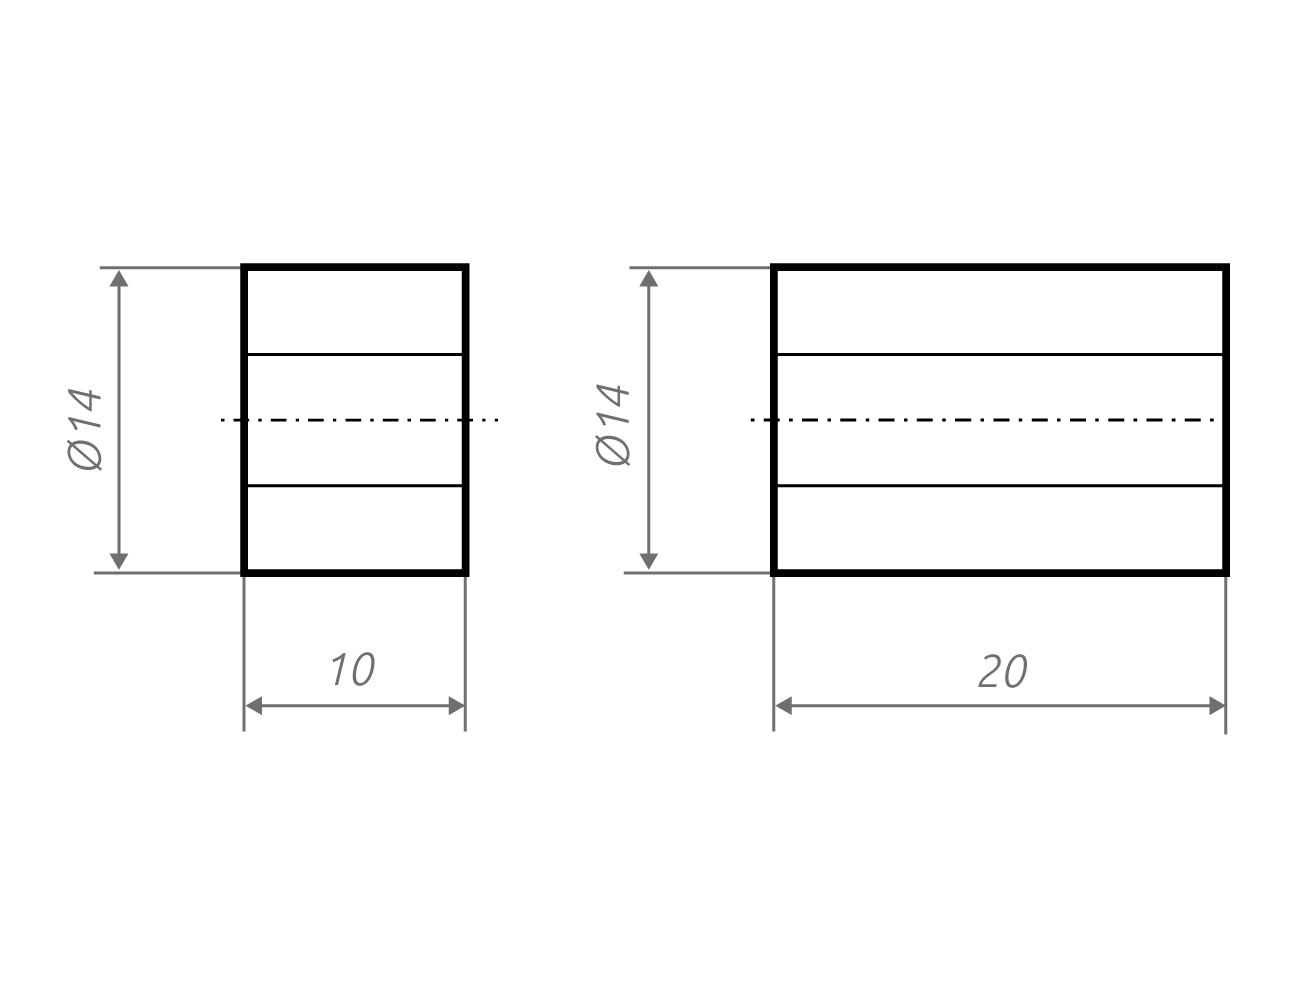 Zeichnung Distanzscheiben z14.10, z14.20